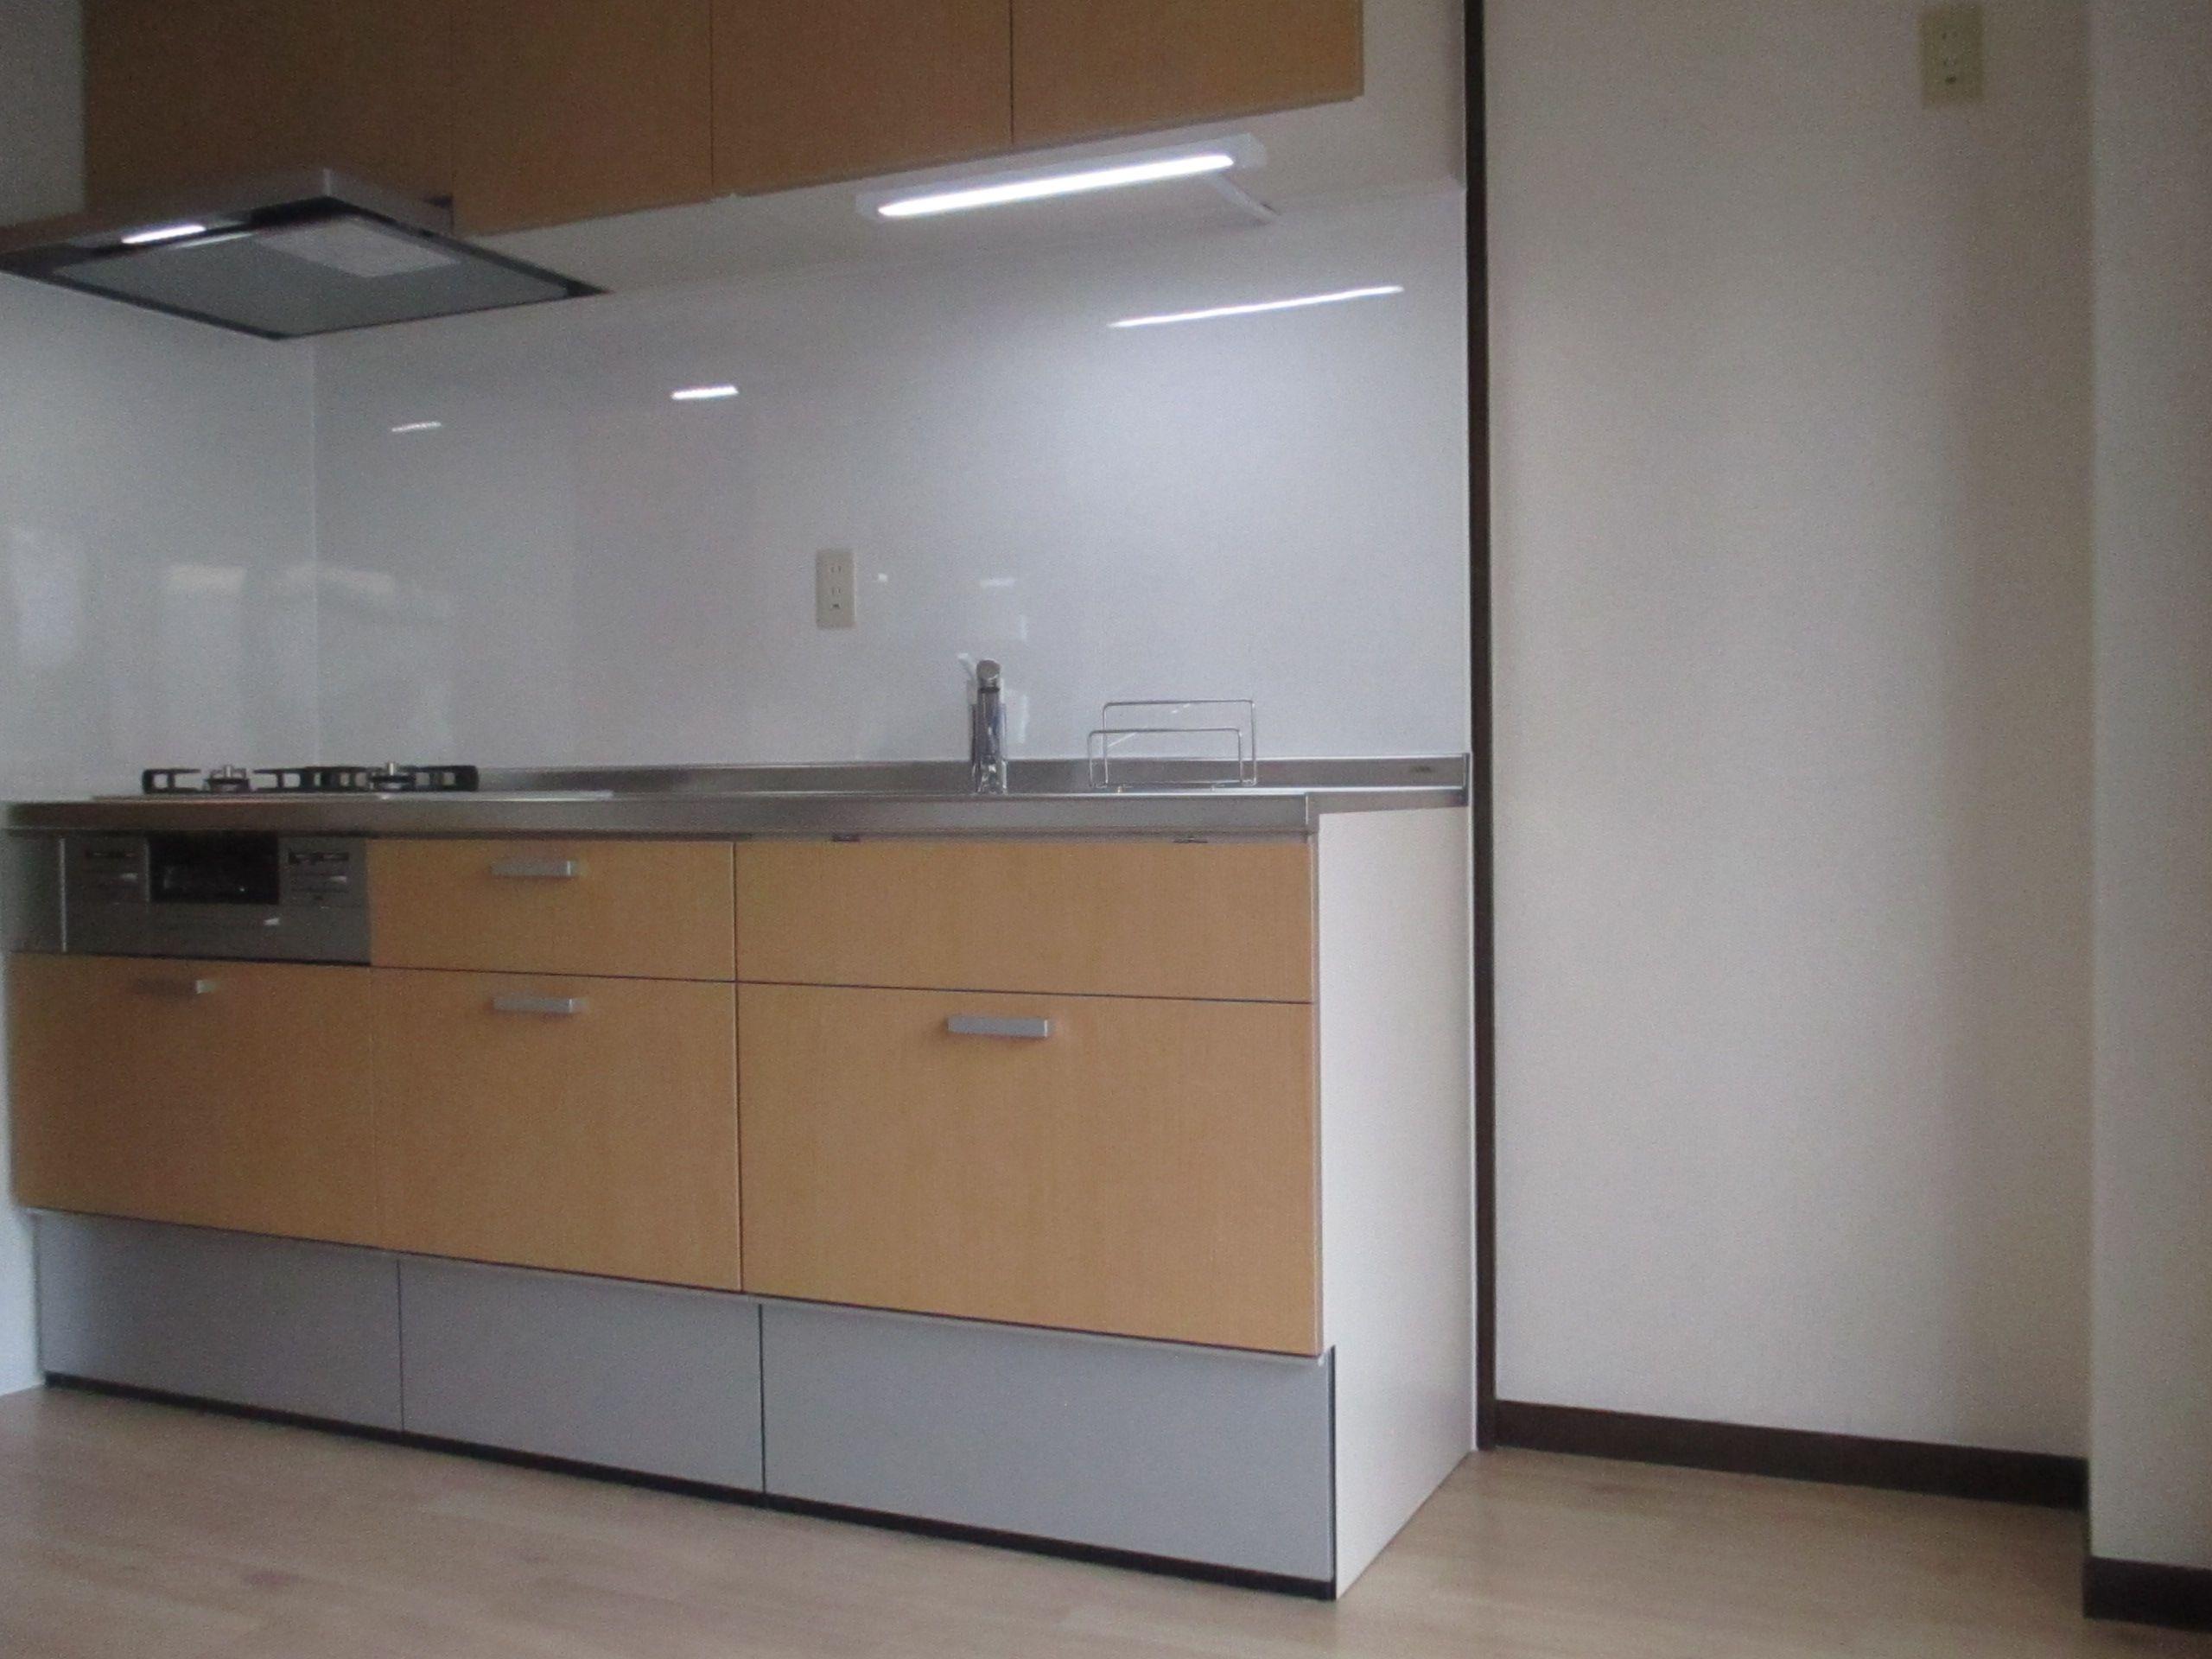 リクシルのキッチン シエラです 扉のカラーはナチュラルチェリー キッチン リクシル シエラ ナチュラルチェリー キッチン リクシル リノベーション